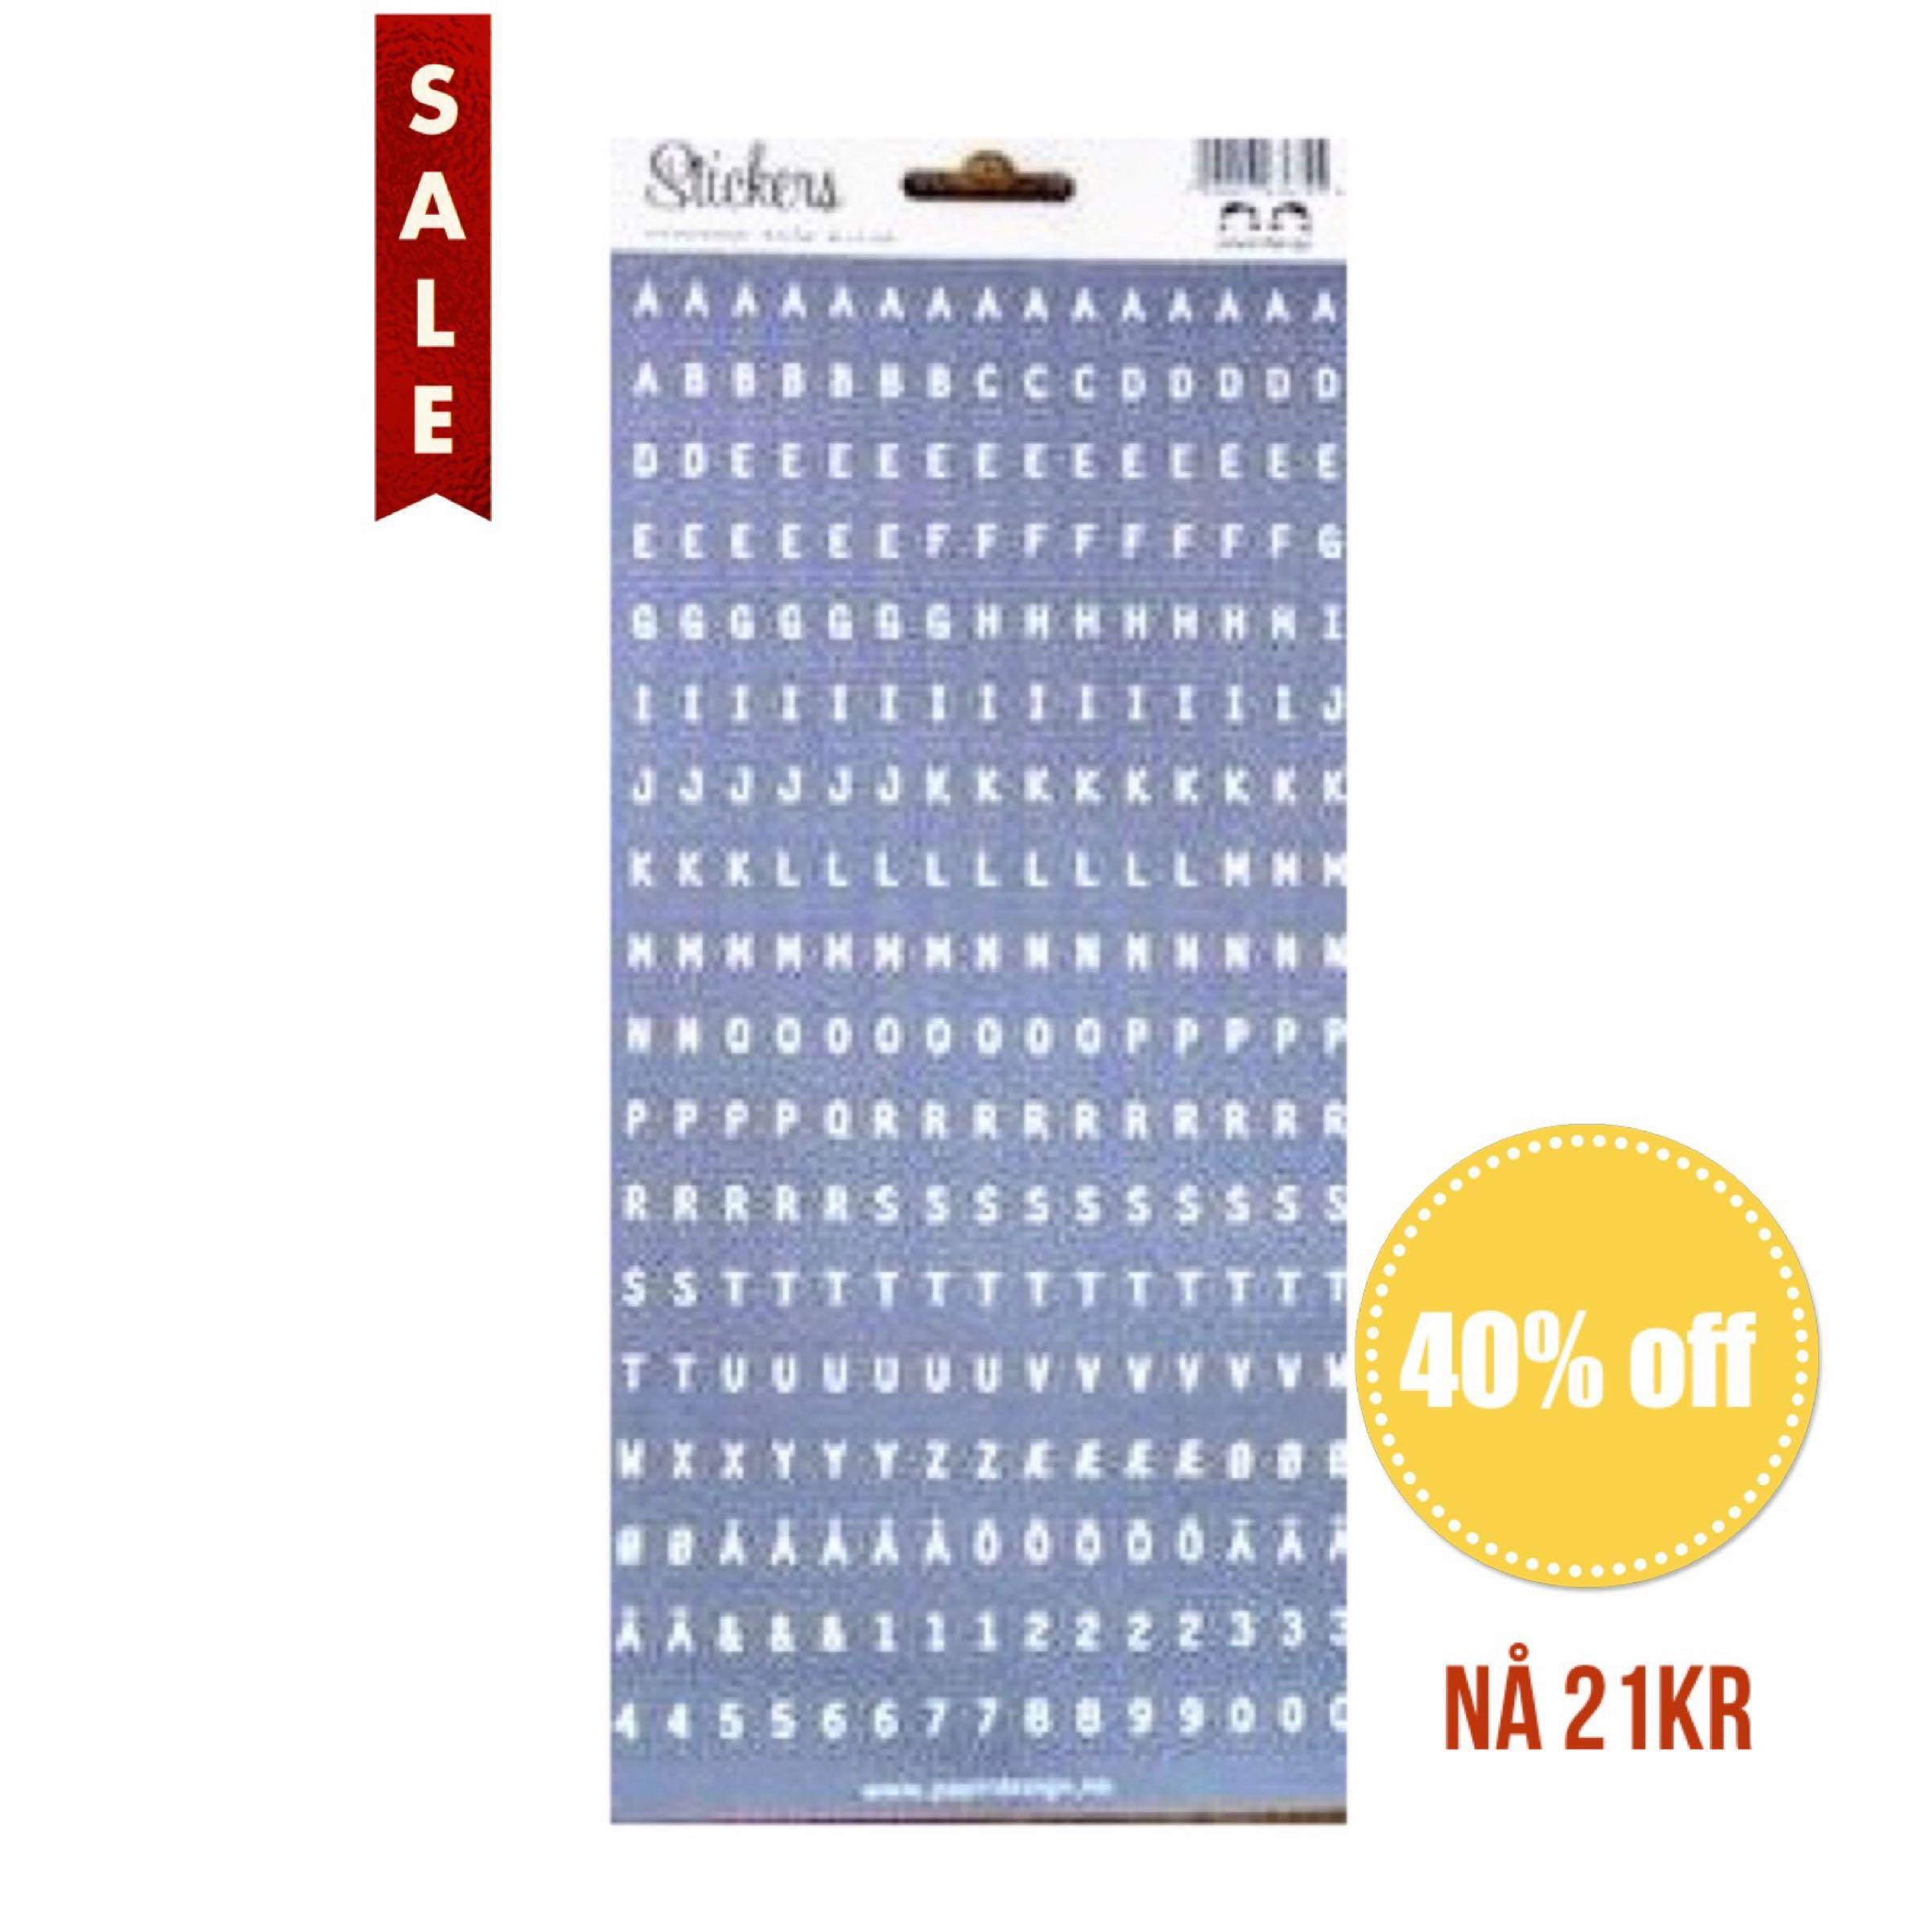 Papirdesign Alphabet Stickers / Klistremerker Alfabet - Grå / Grey